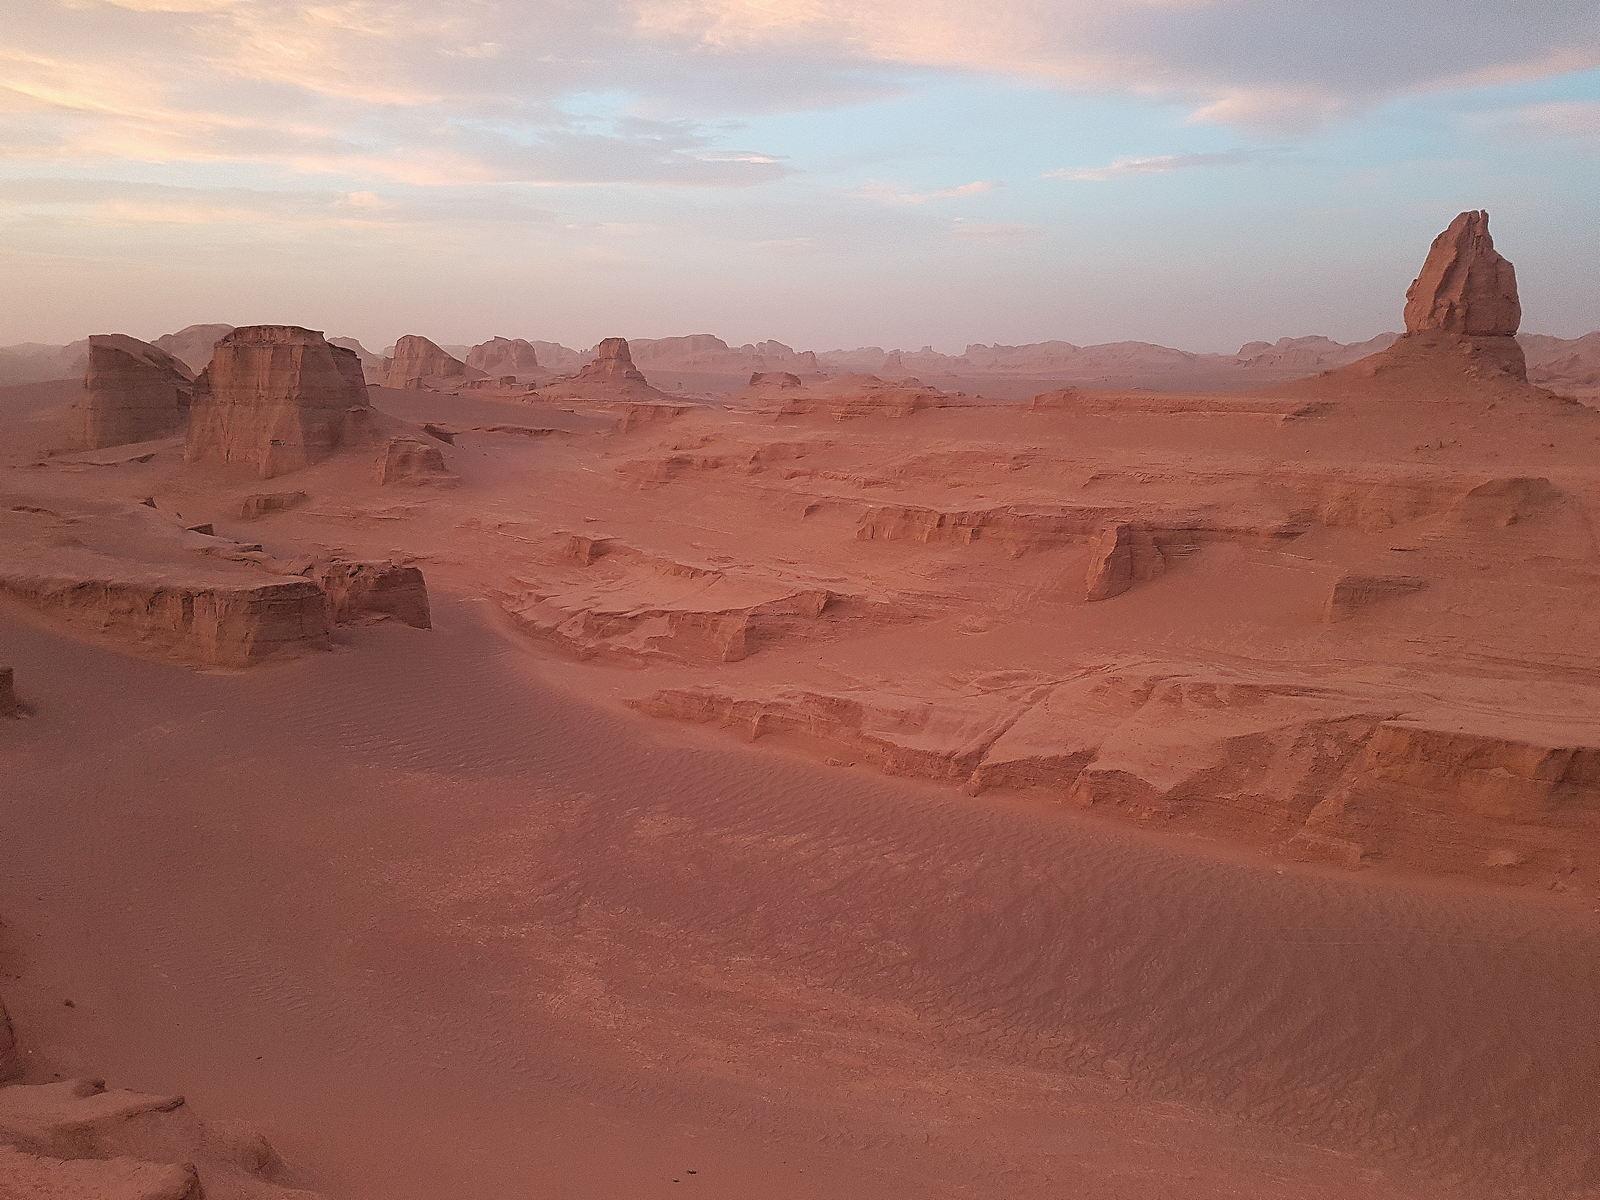 11-Day Iran Desert Tour